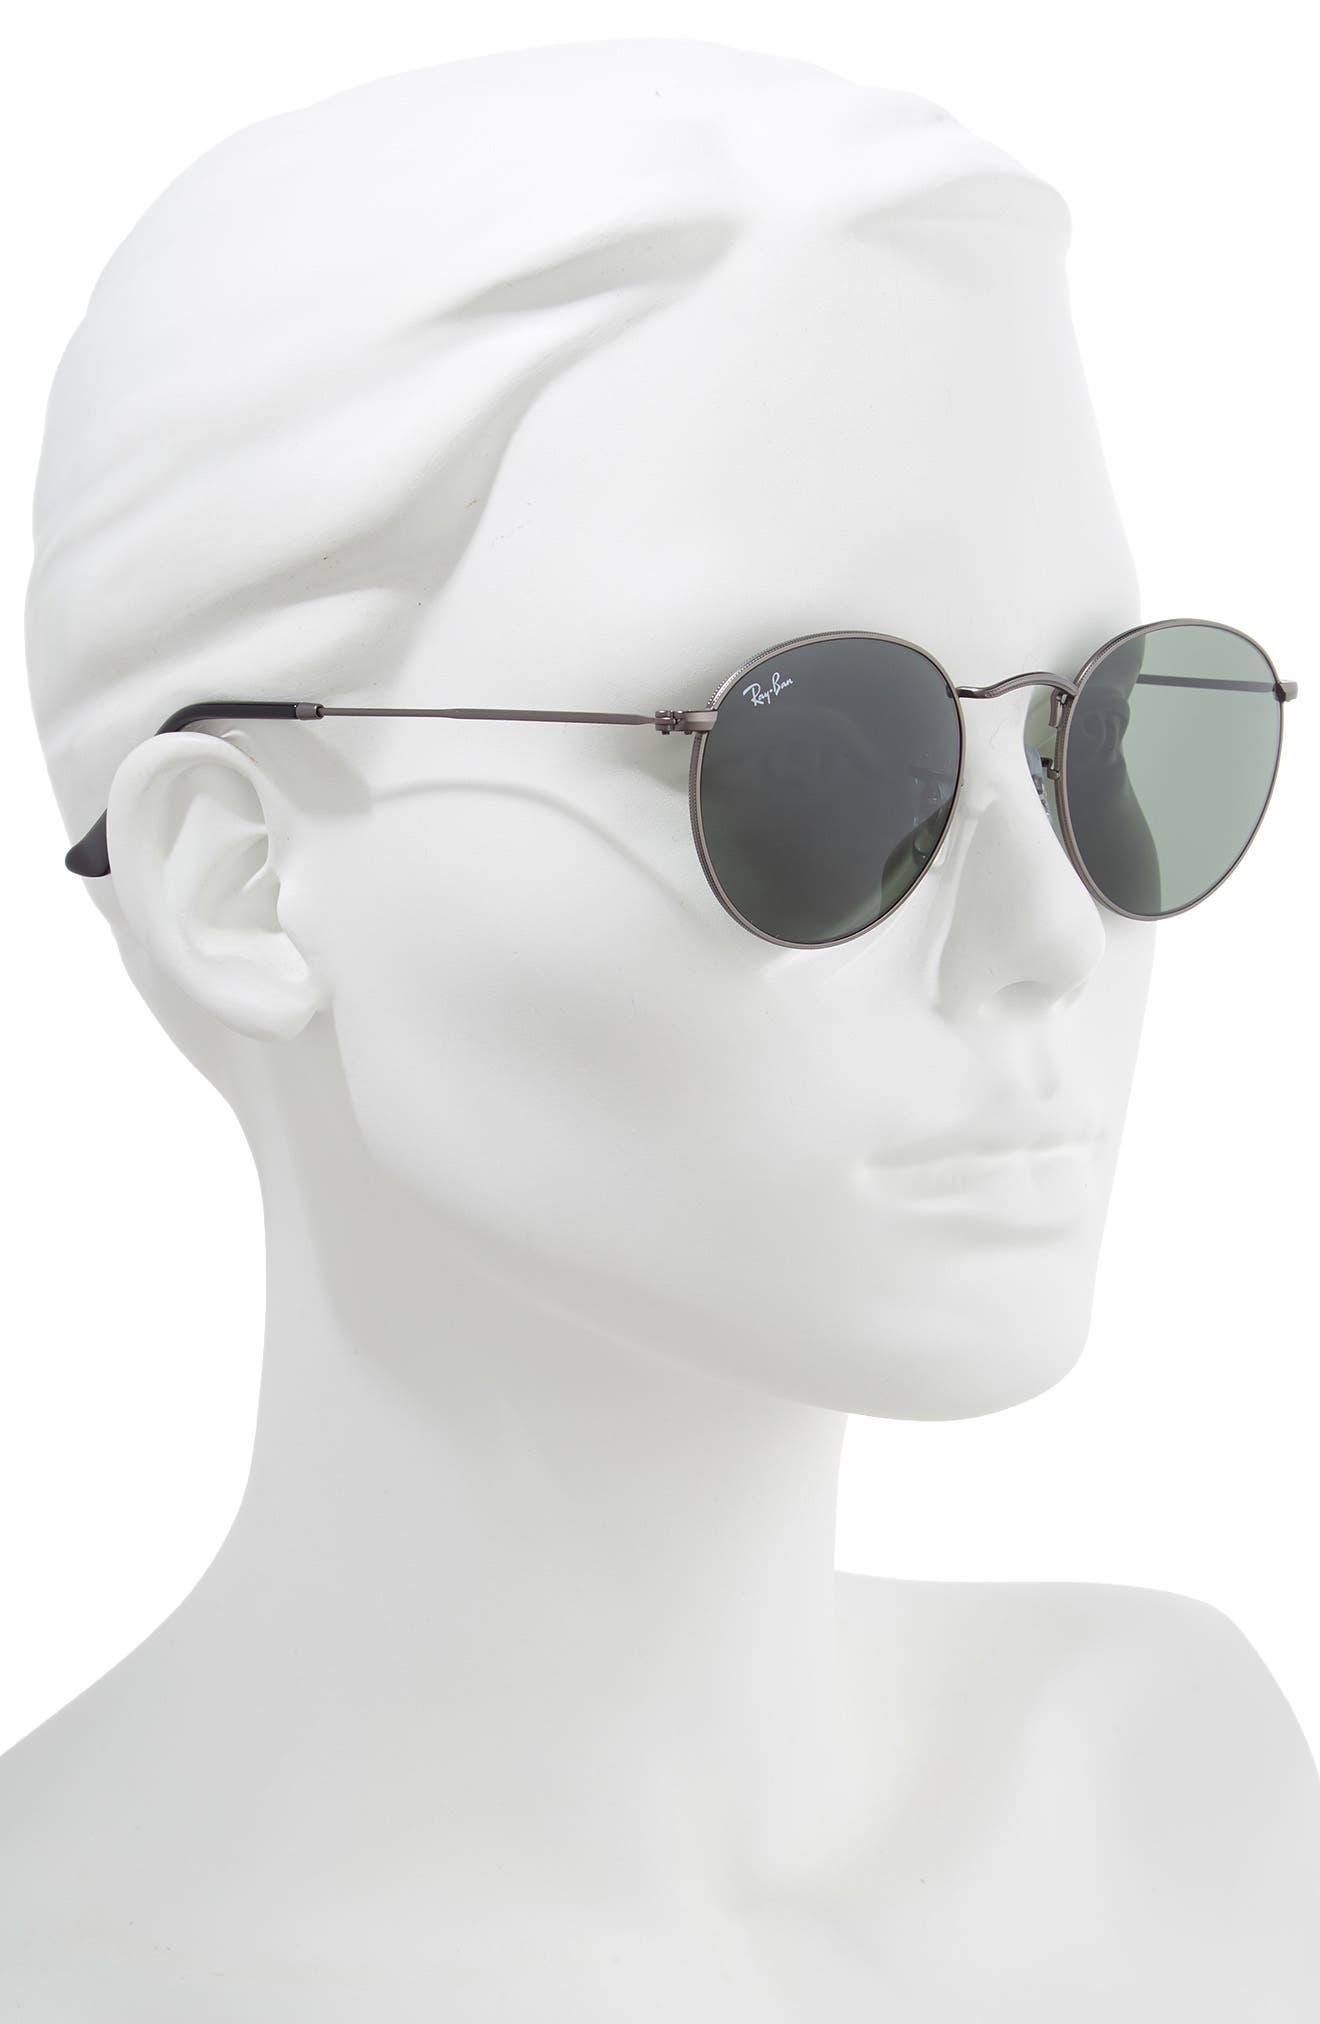 1f0f584e5d3 Round Ray-Ban Sunglasses